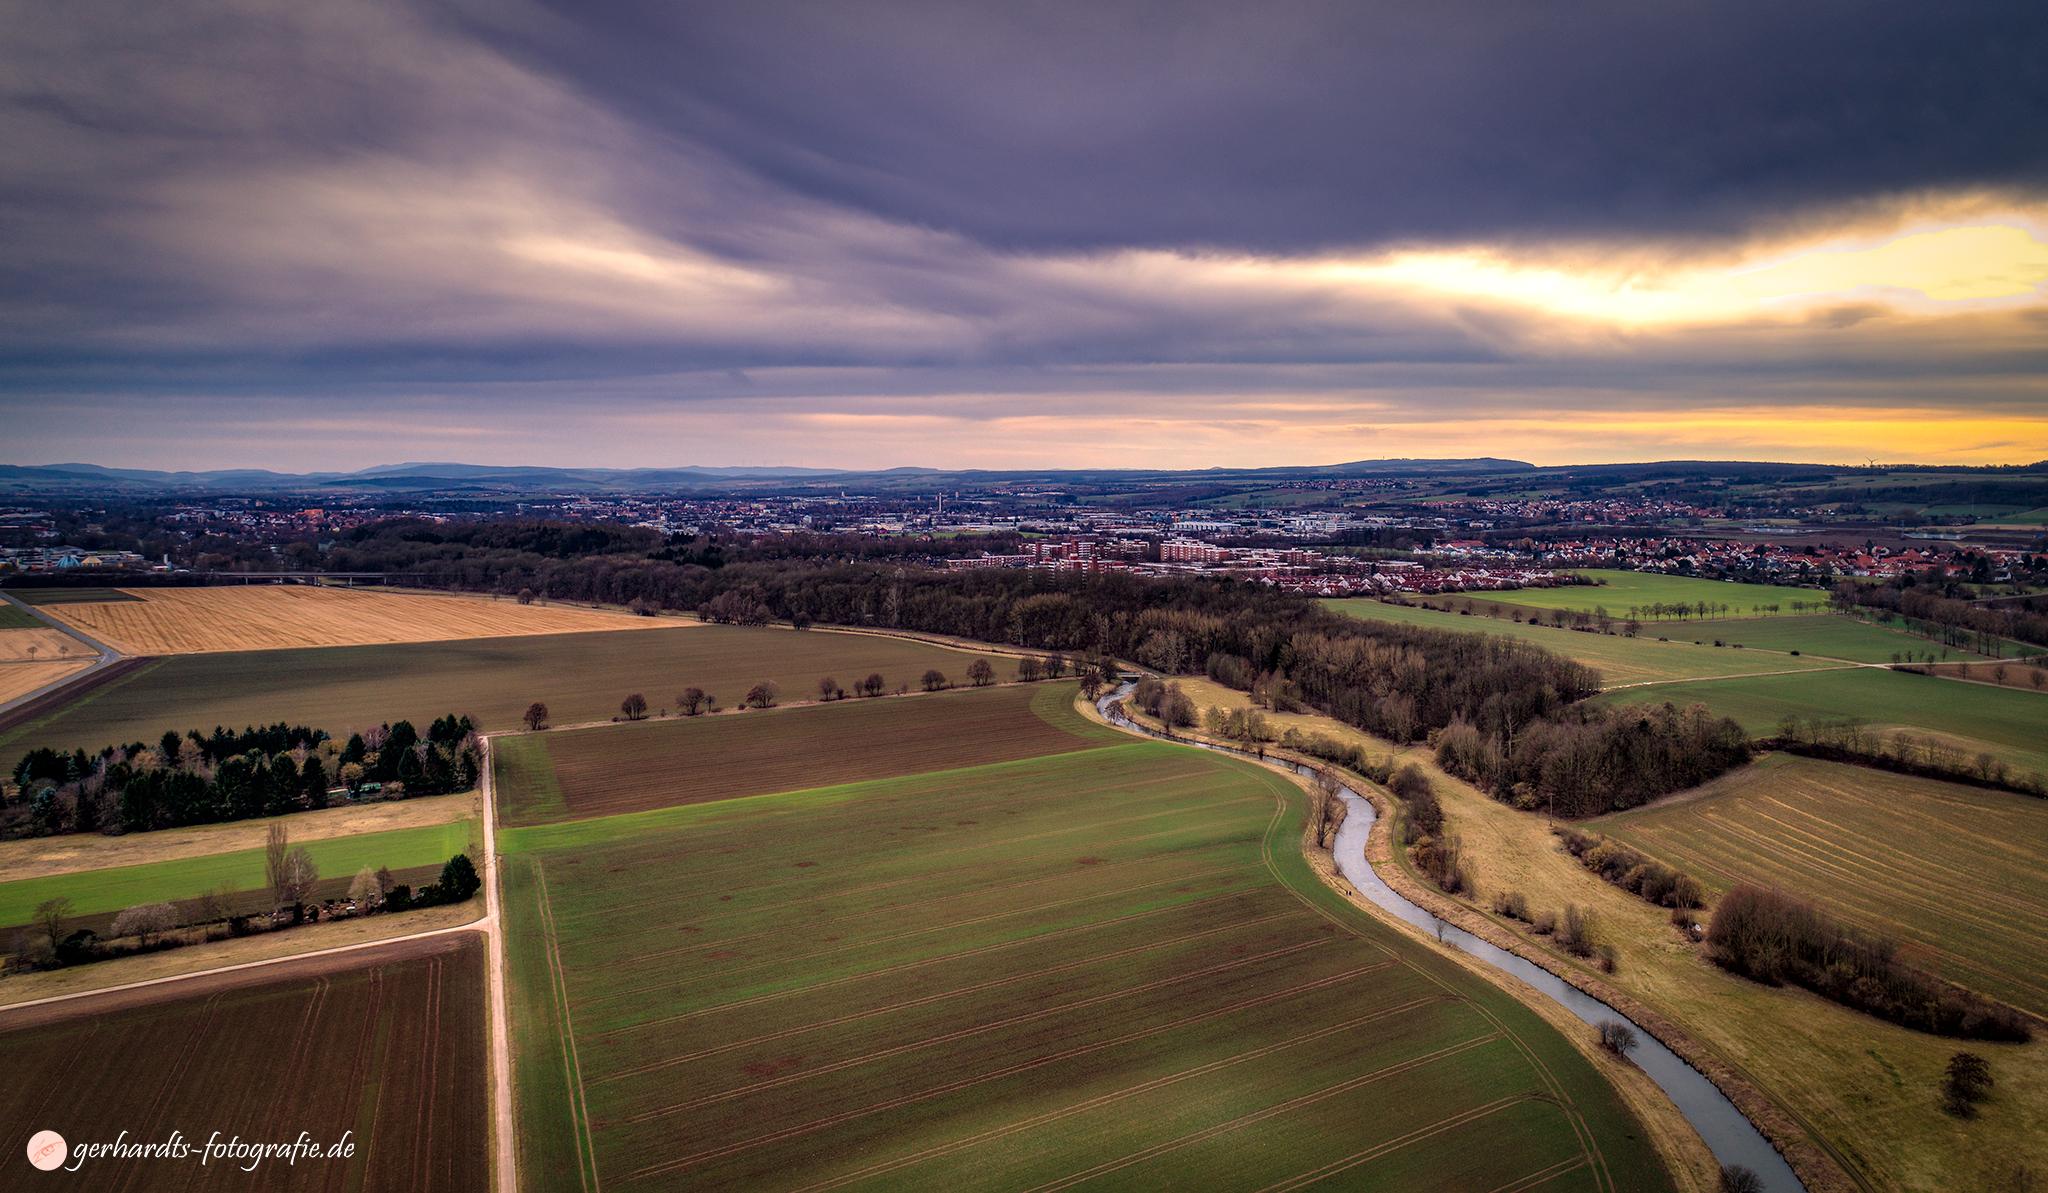 Luftbild Göttingen Holtenser Berg | Luftbildaufnahmen Göttingen Südniedersachsen